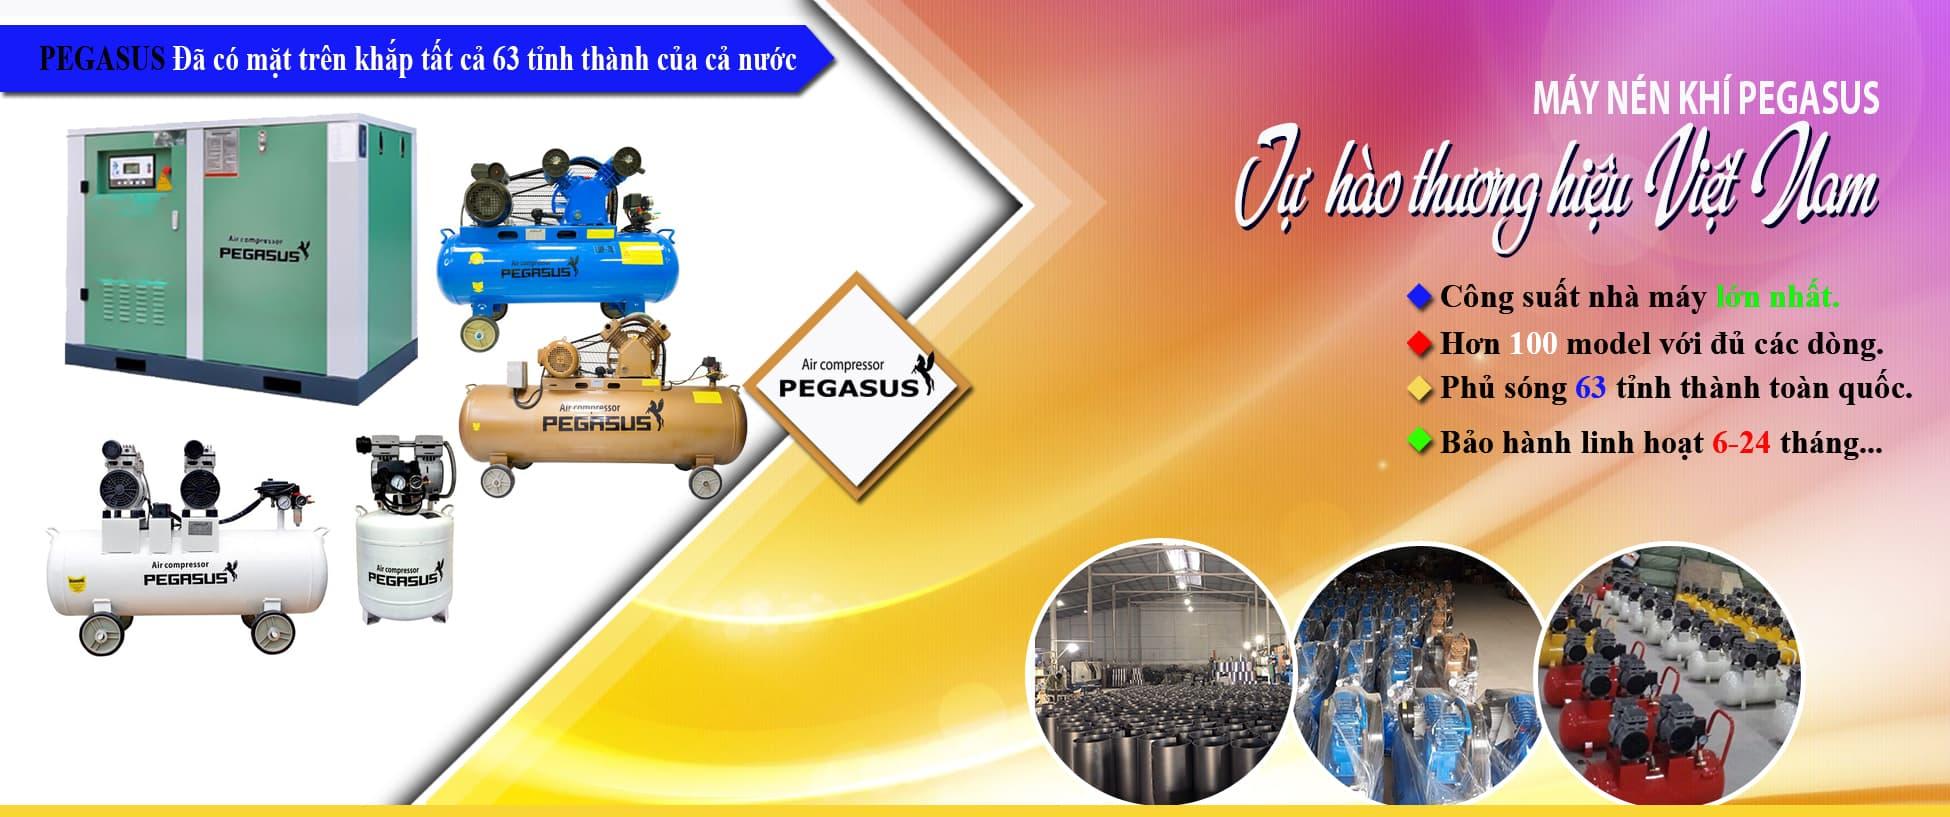 Banner pegassus